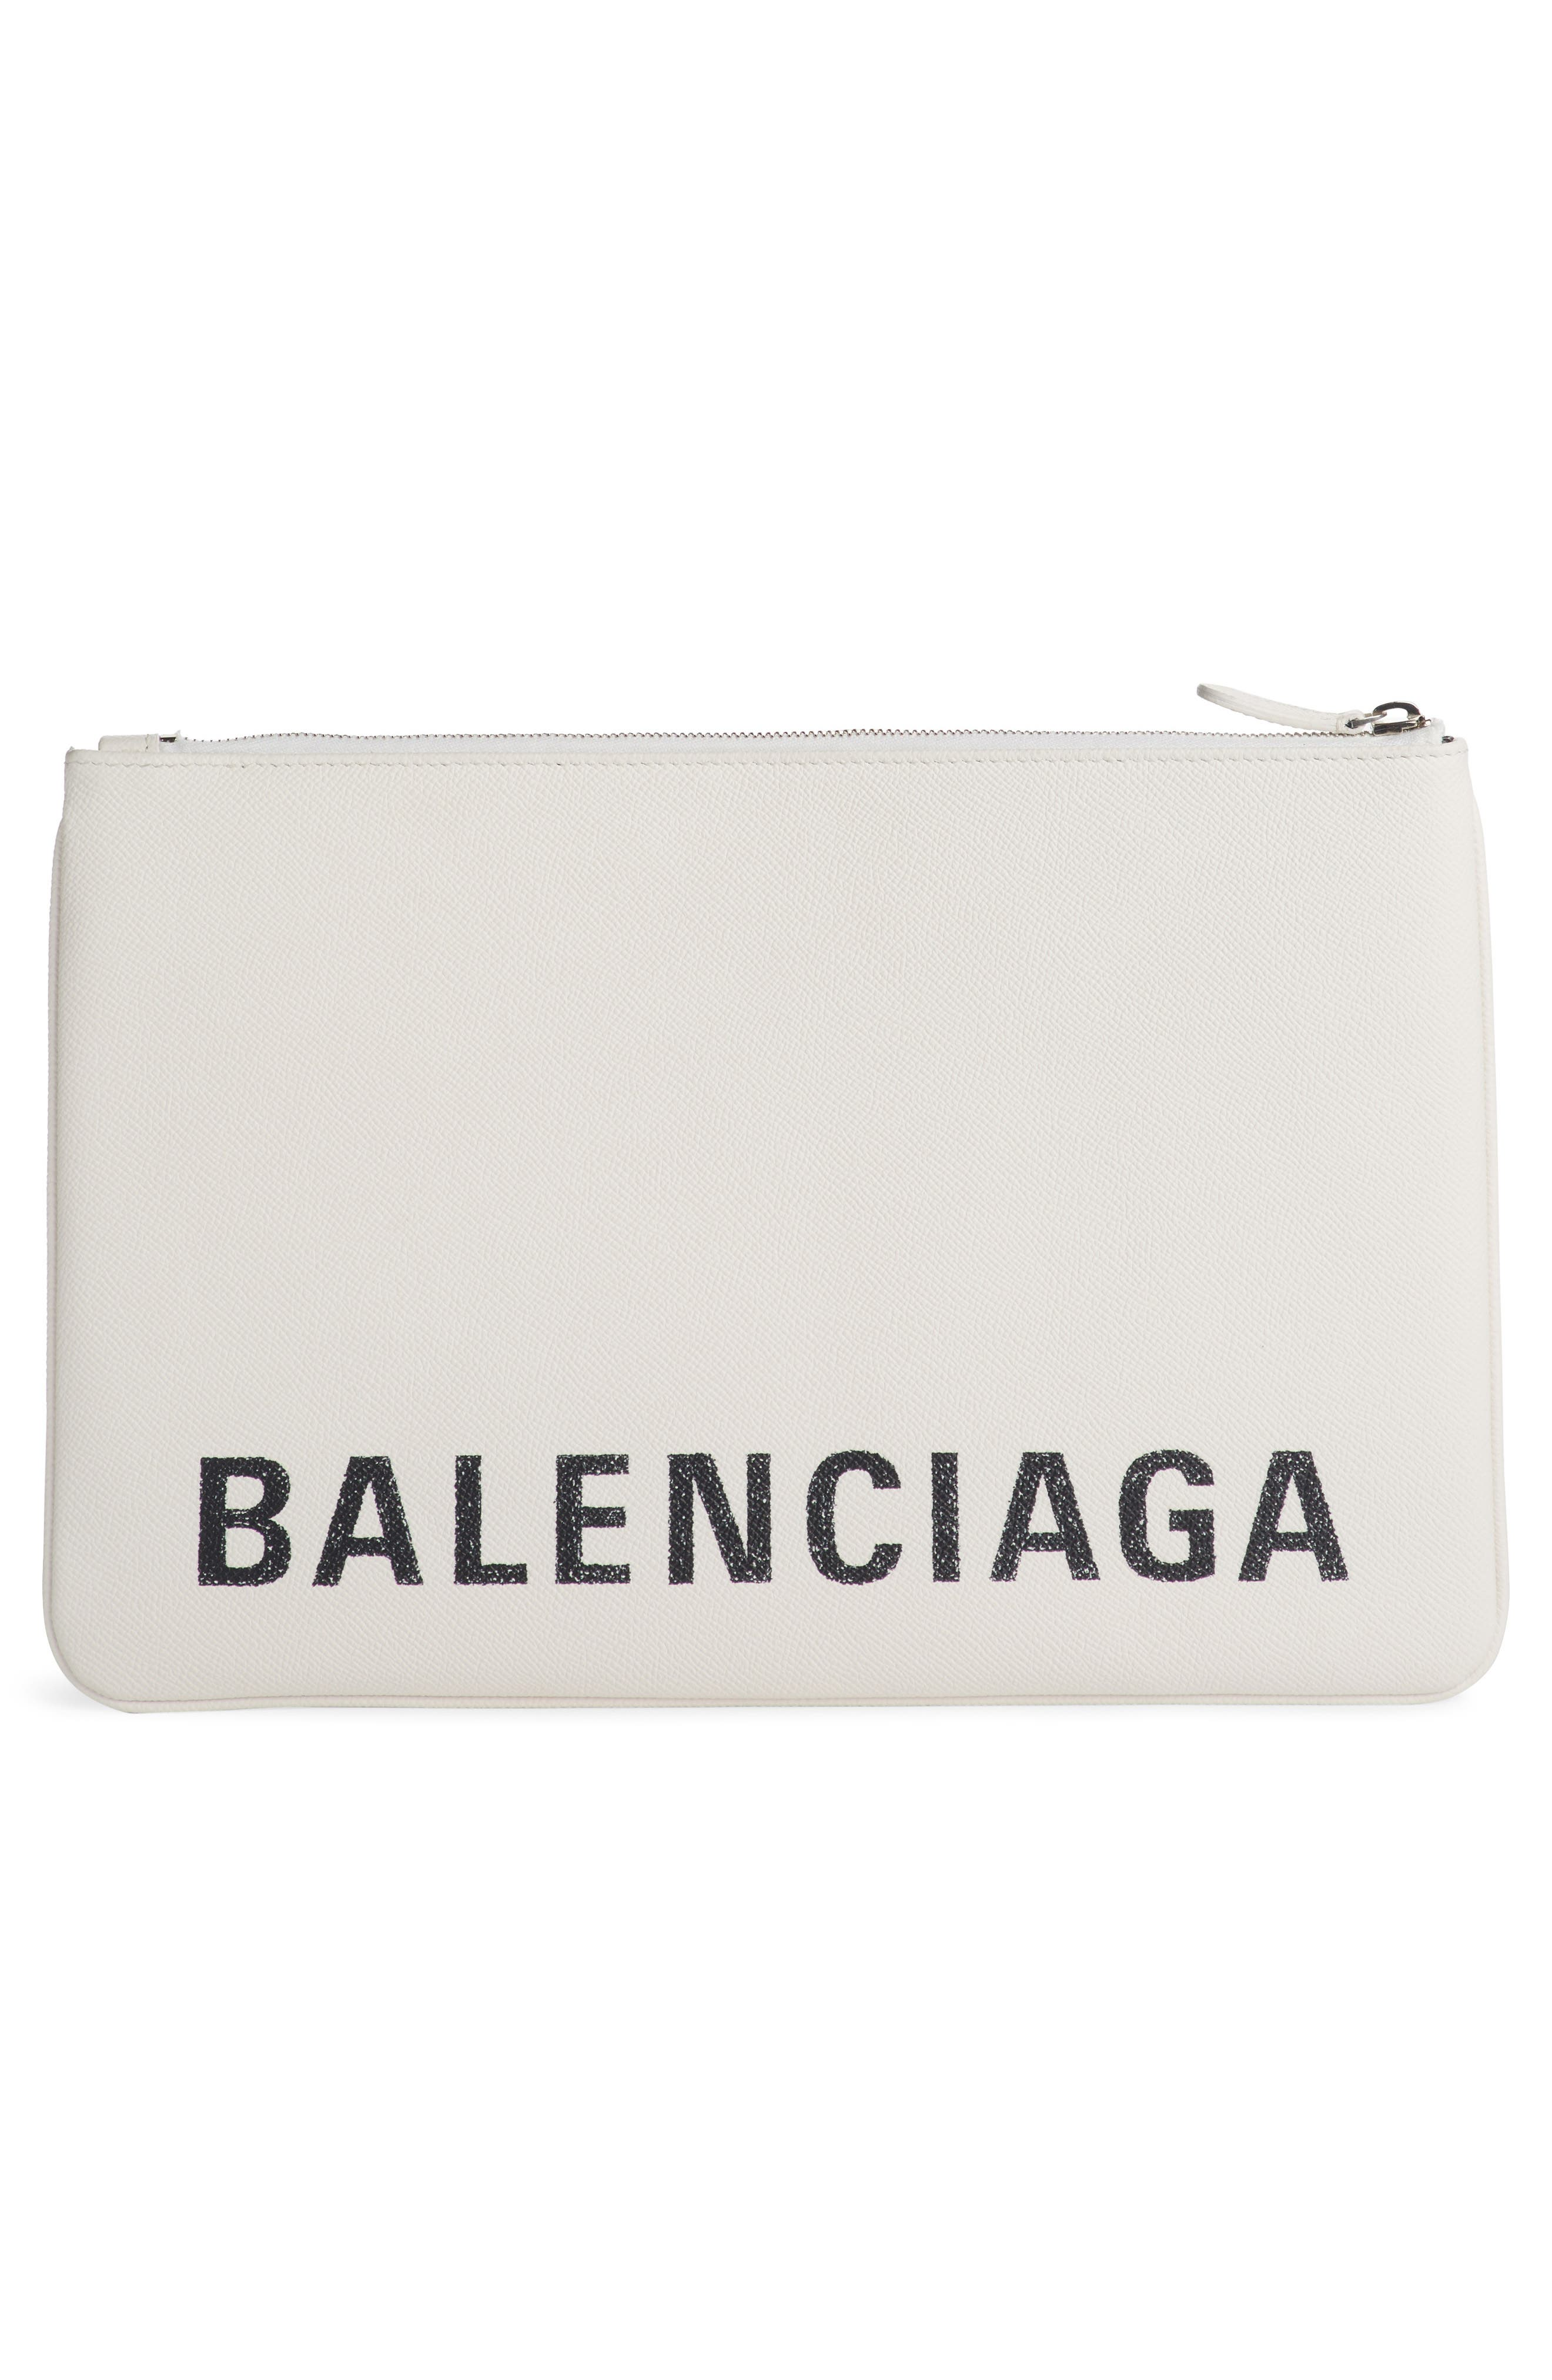 BALENCIAGA, Ville Logo Calfskin Leather Pouch, Alternate thumbnail 3, color, BLANC/ NOIR